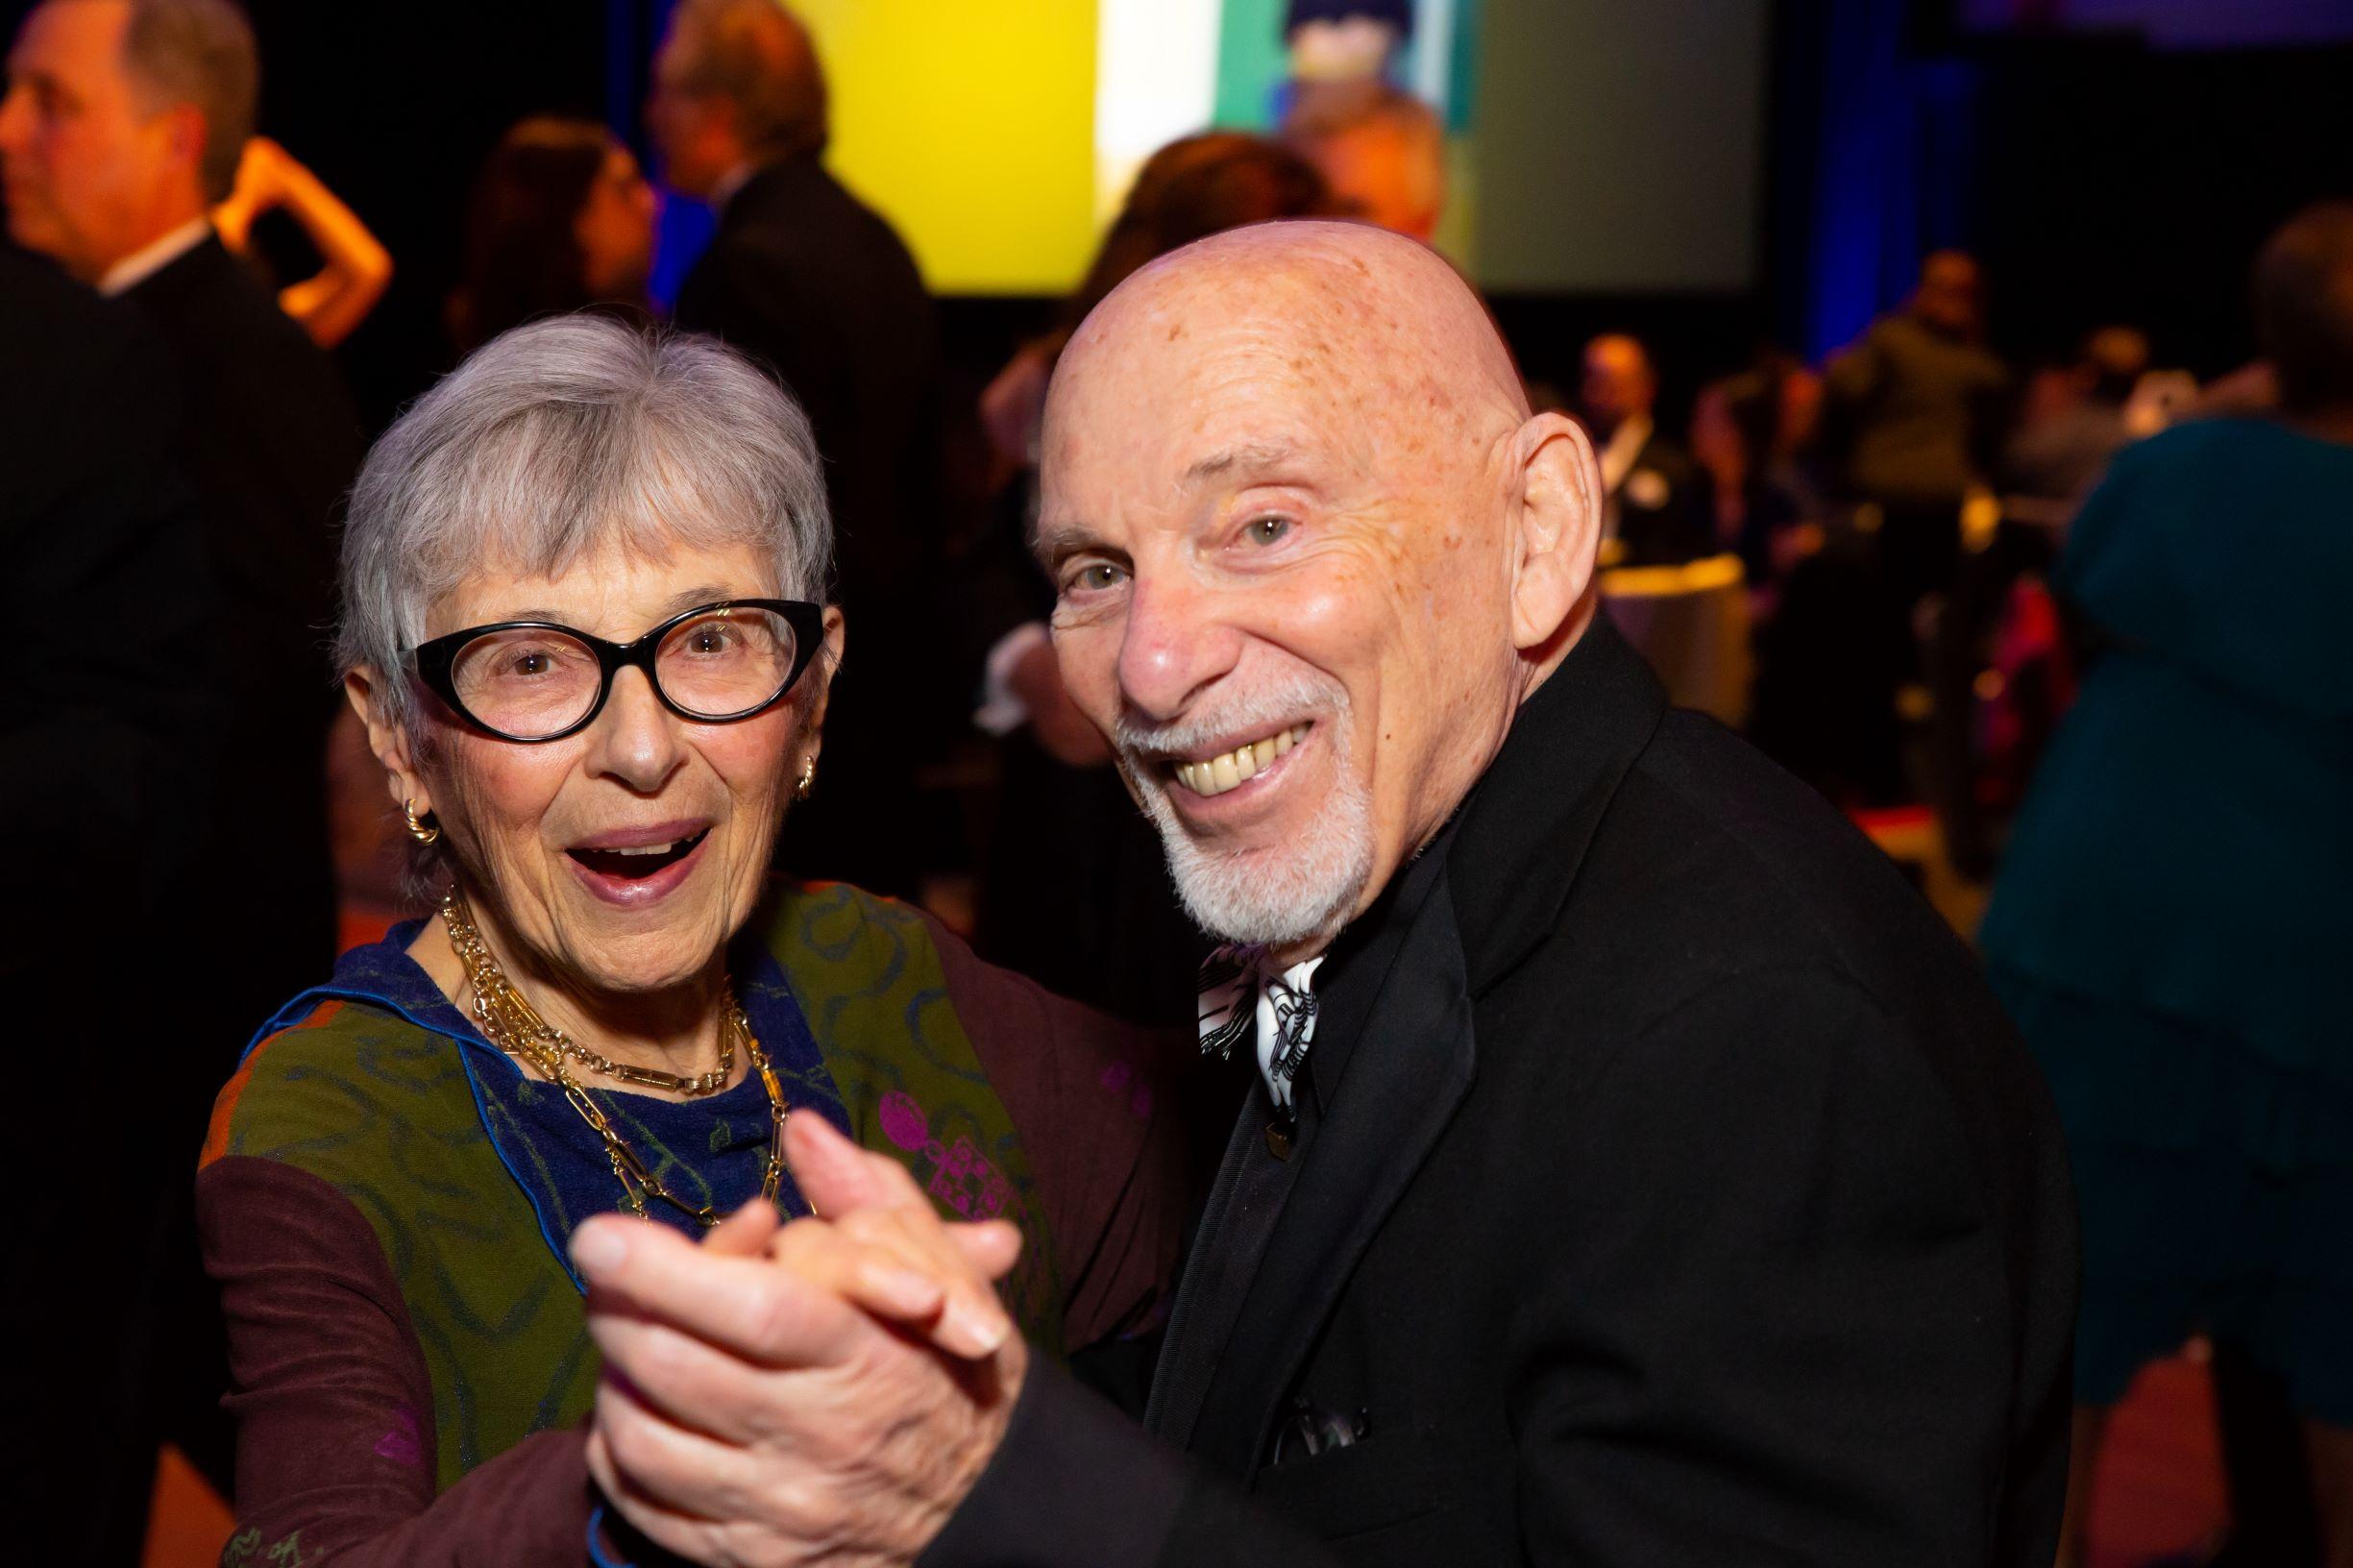 Dancing at the 110th Anniversary Gala